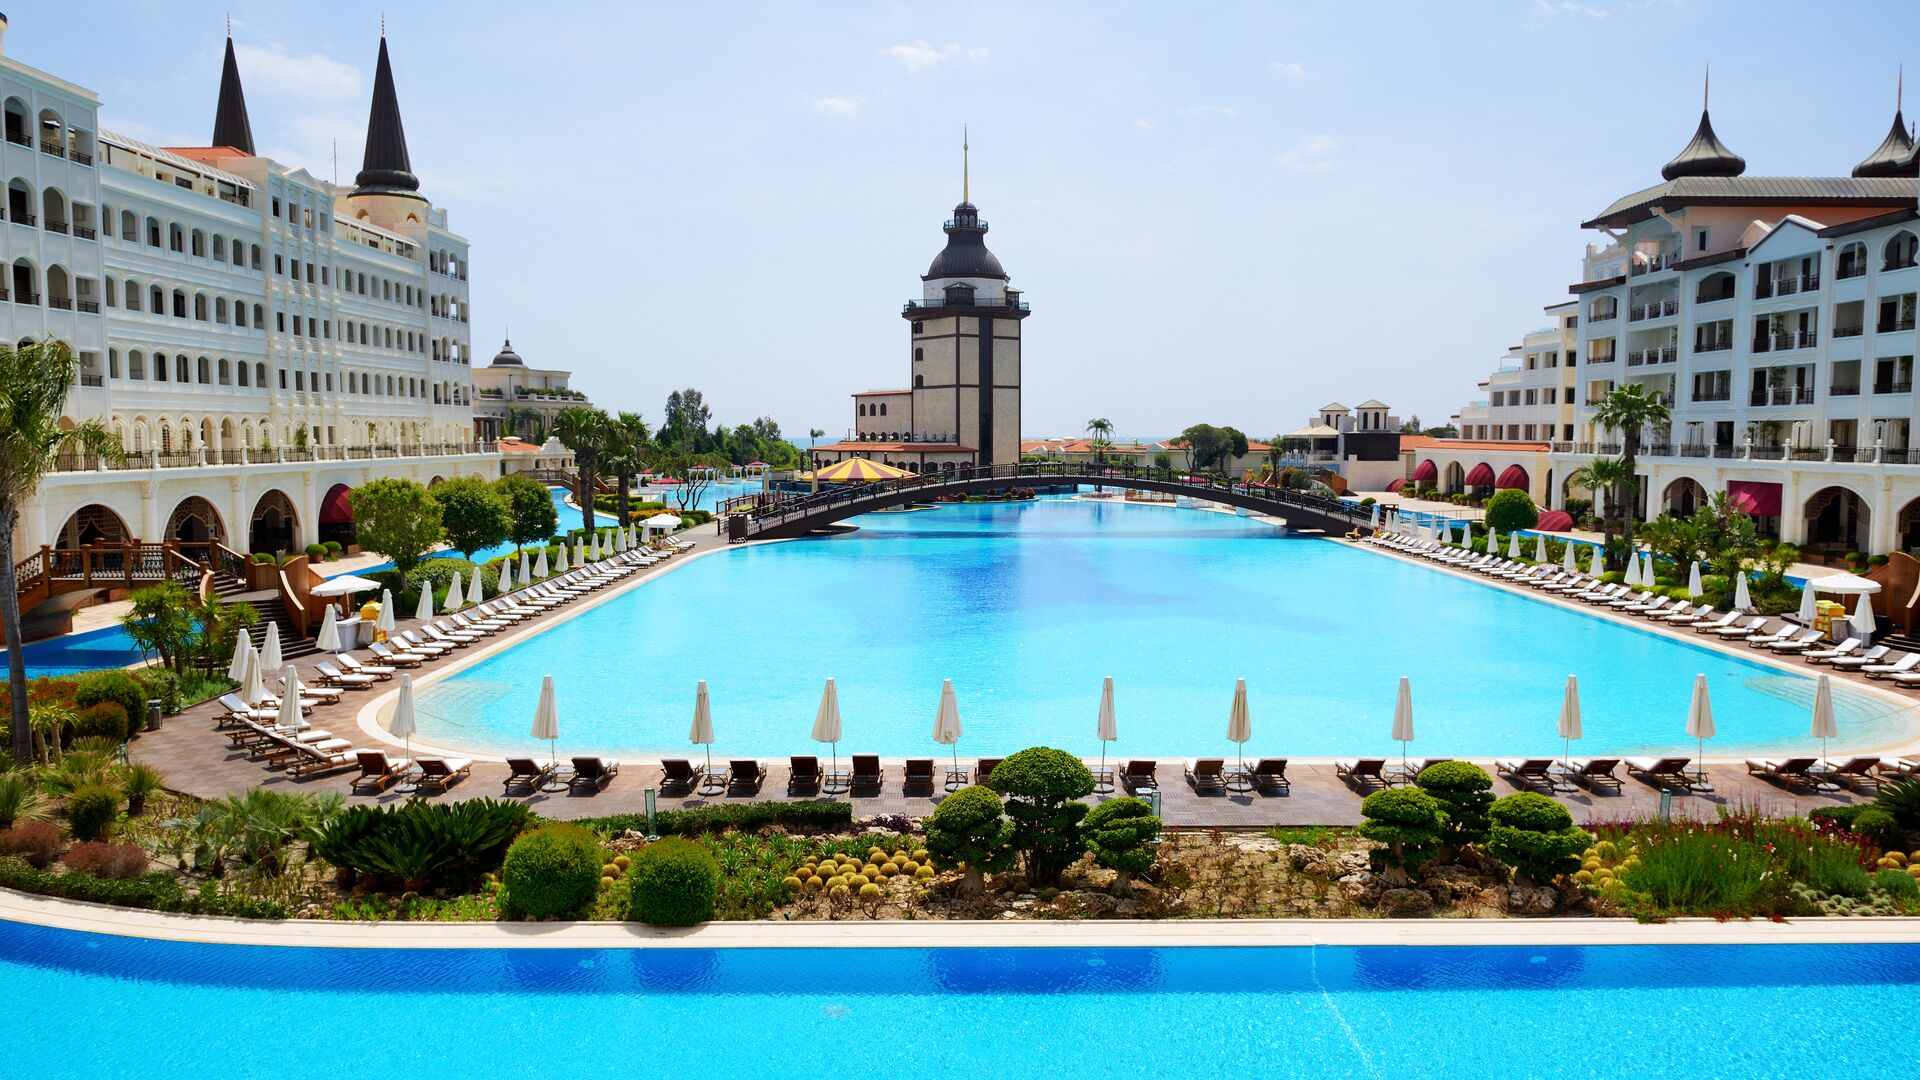 Отель Mardan Palace в Анталье, Турция - РИА Новости, 1920, 16.03.2021